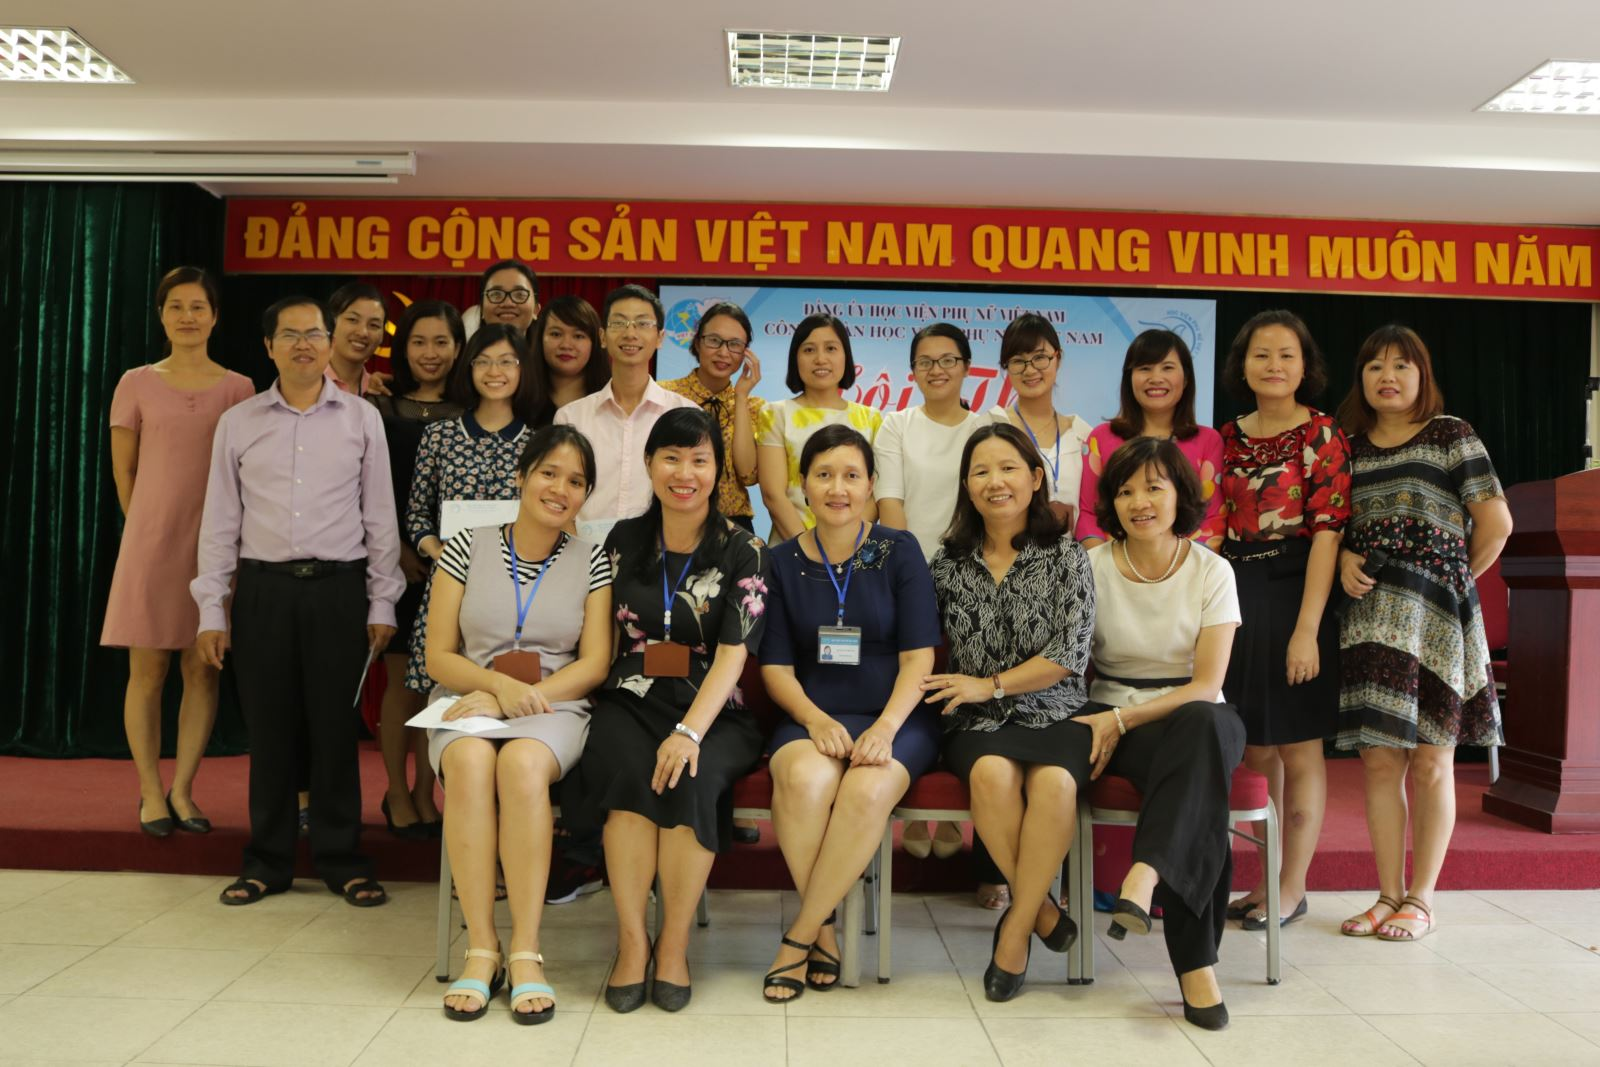 """Hội thi """"mâm cơm gia đình hạnh phúc """" nhân ngày gia đình Việt Nam 28/6 tại Học viện Phụ nữ Việt Nam"""